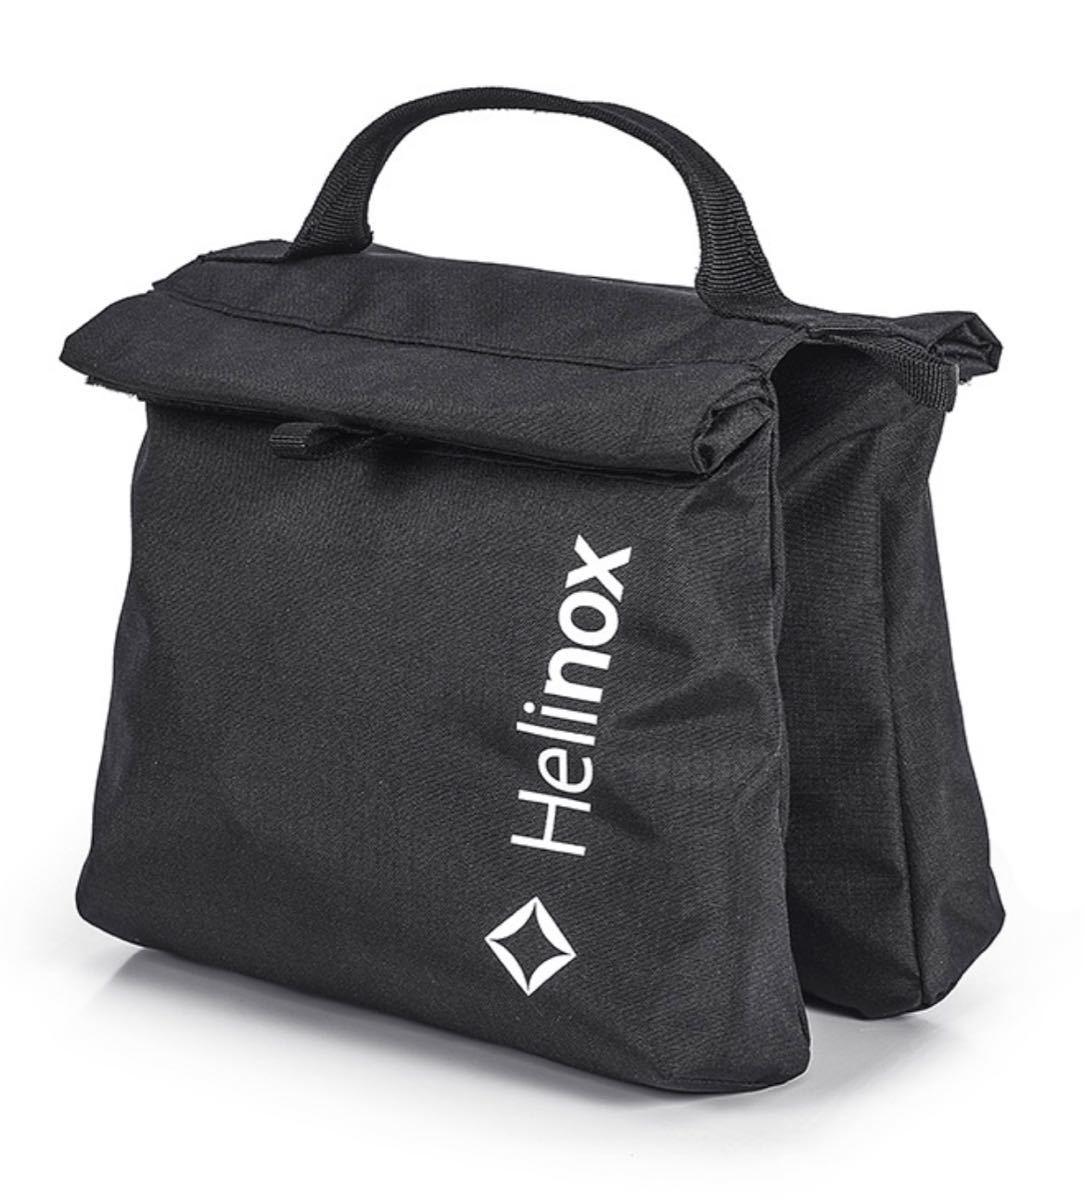 ヘリノックス サドルバッグ Helinox 重り 小物入れ 収納